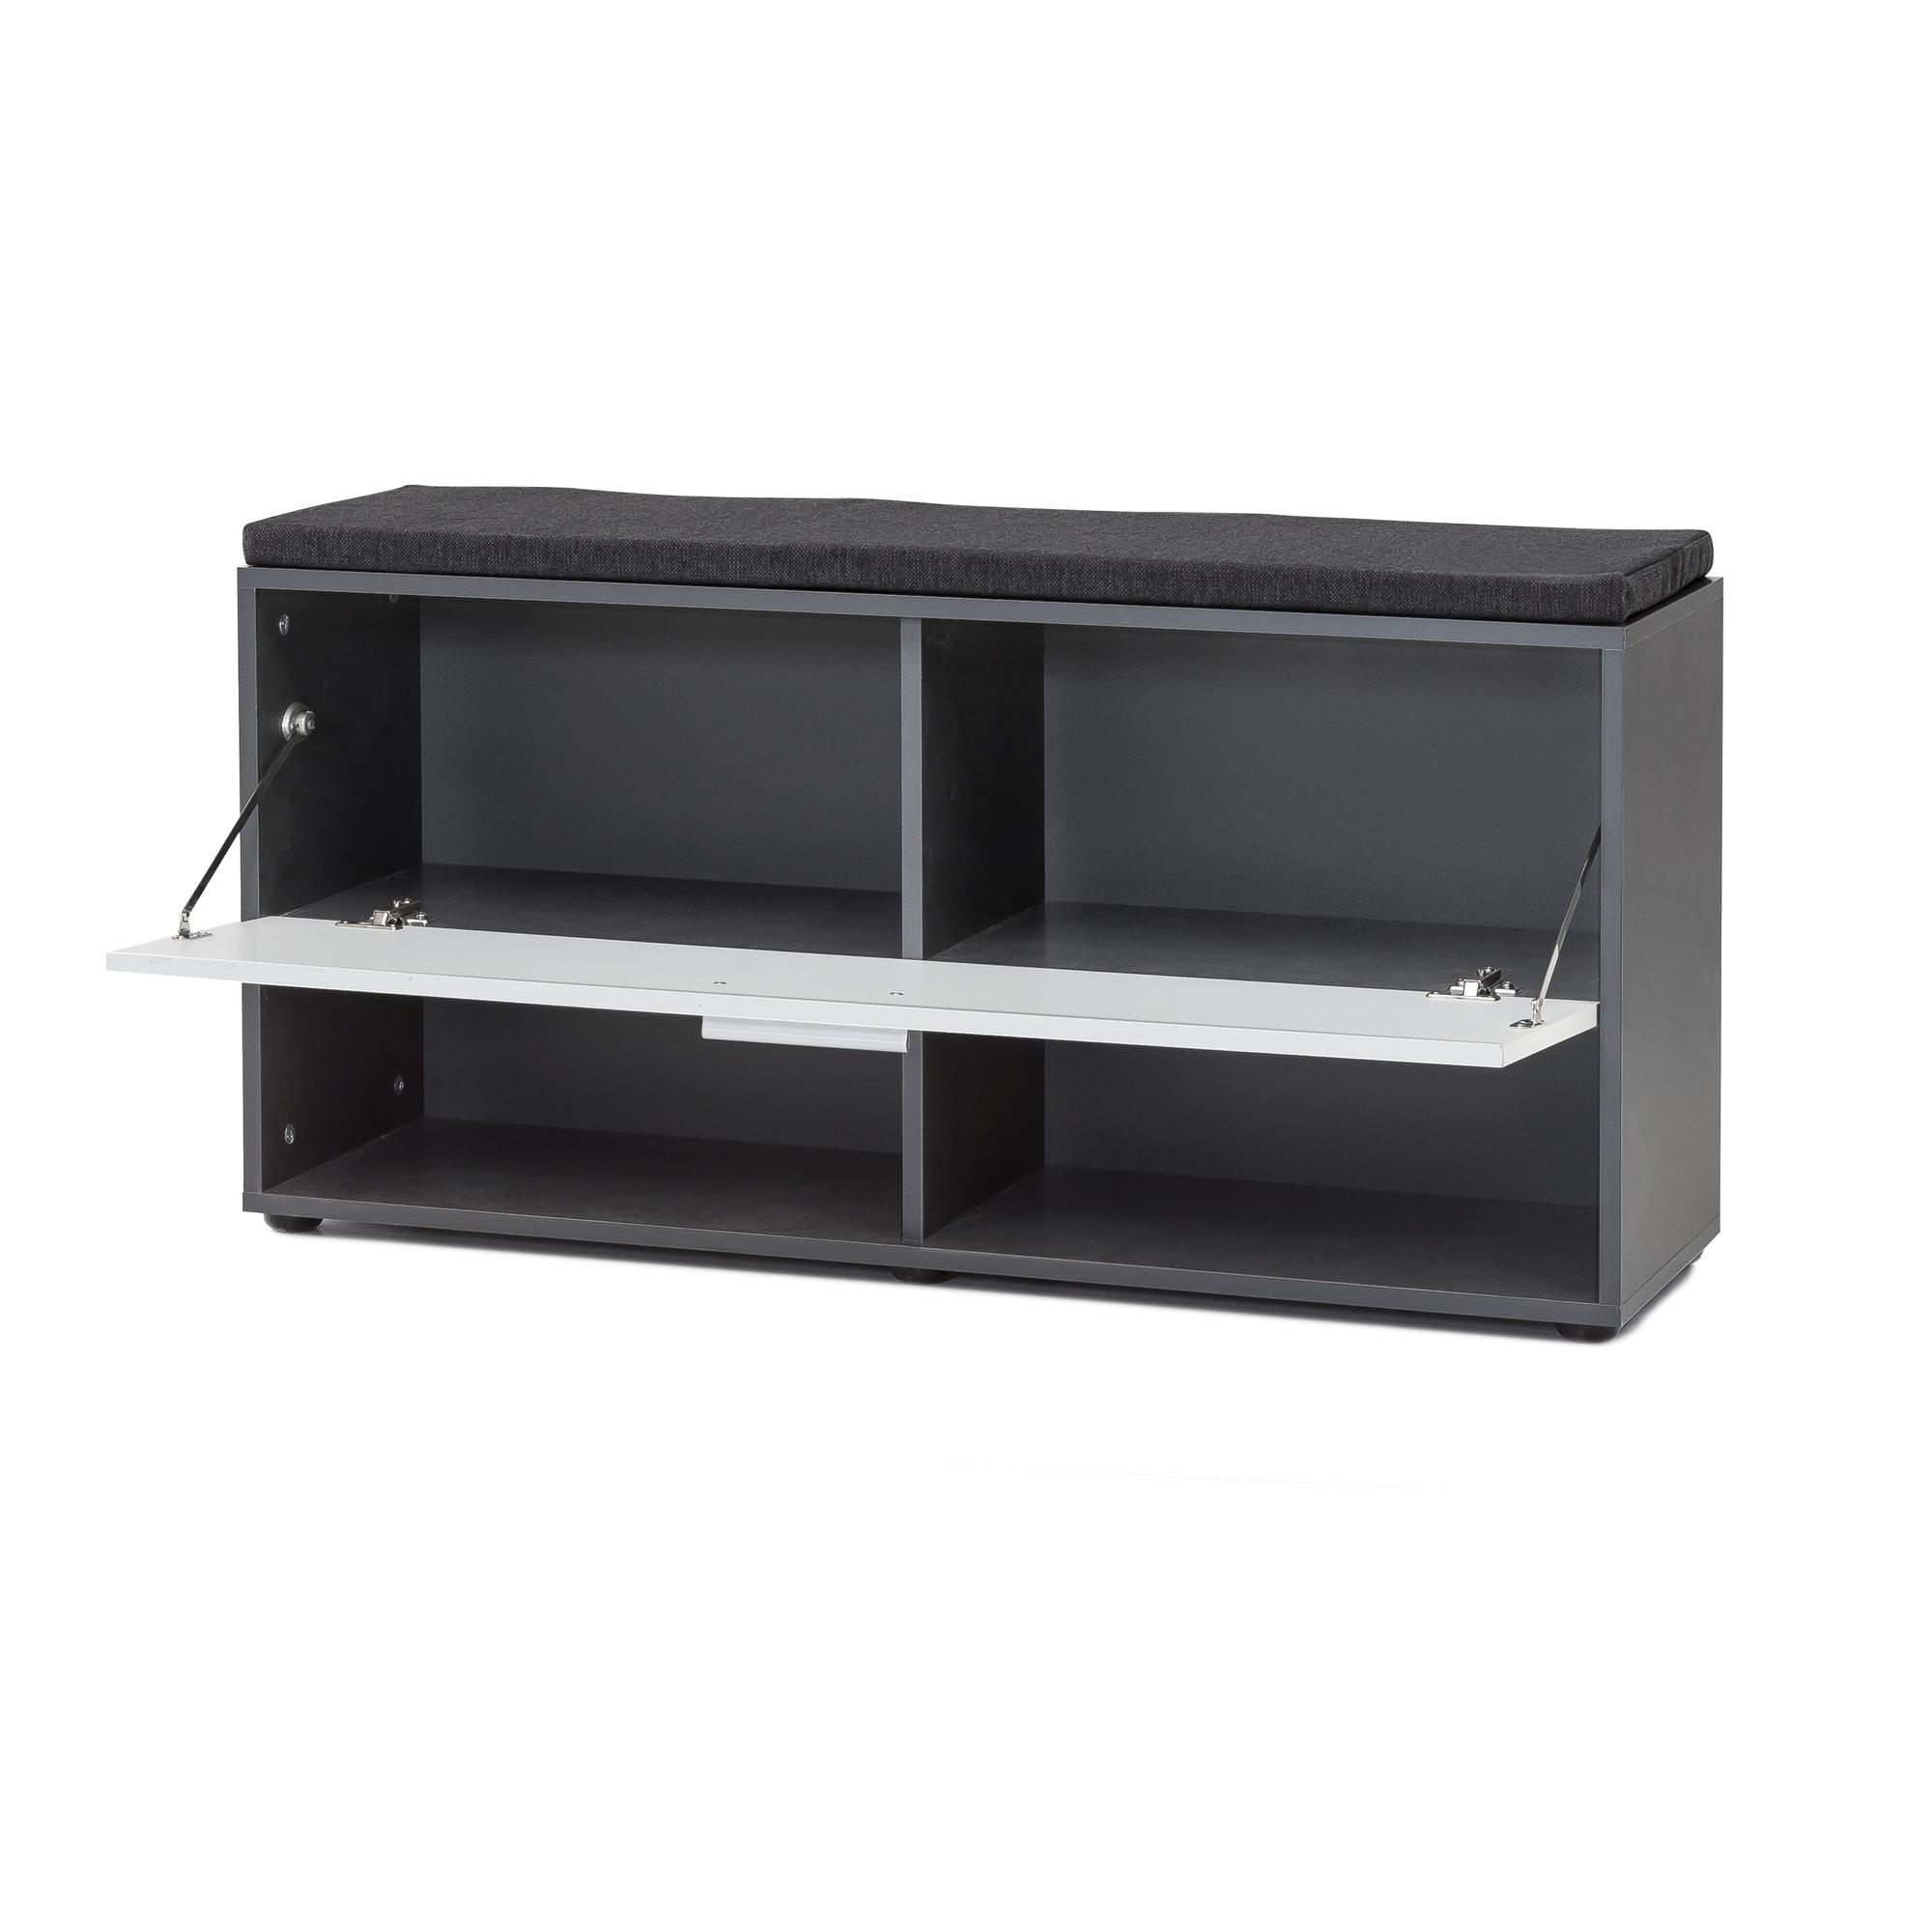 schuhregal emmy mit klappe und sitzkissen graphit wei wohnen schuhschrank. Black Bedroom Furniture Sets. Home Design Ideas